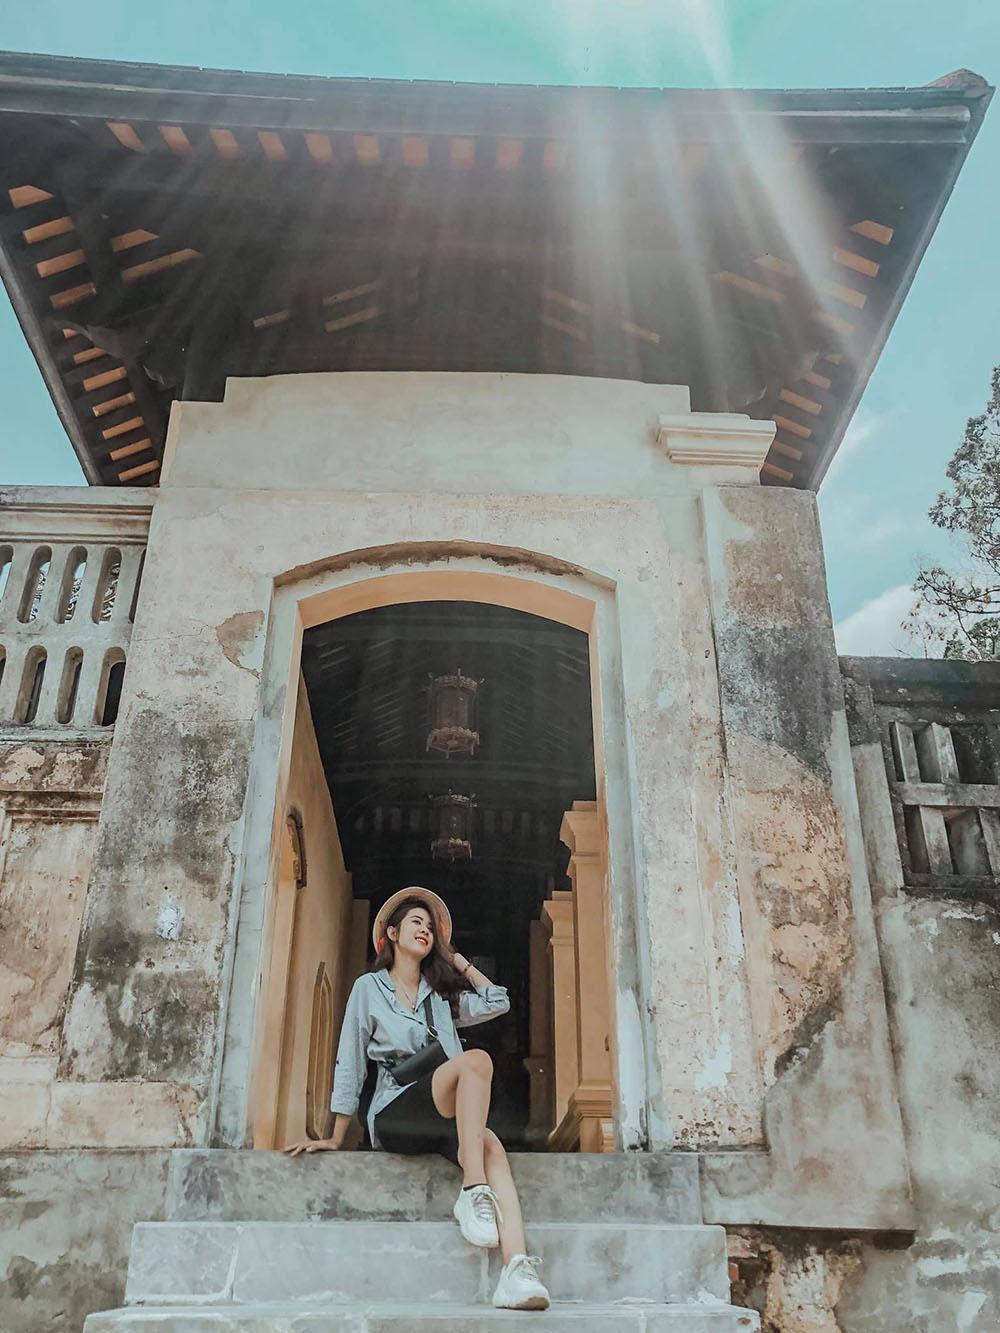 Quan The Di Tich Hoan Cung Hue Dai Noi Hue Review Hue Da Nang Hoi An Ninh Binh 7n7d Chi Voi 8 Trieu Tin Duoc Khong 08